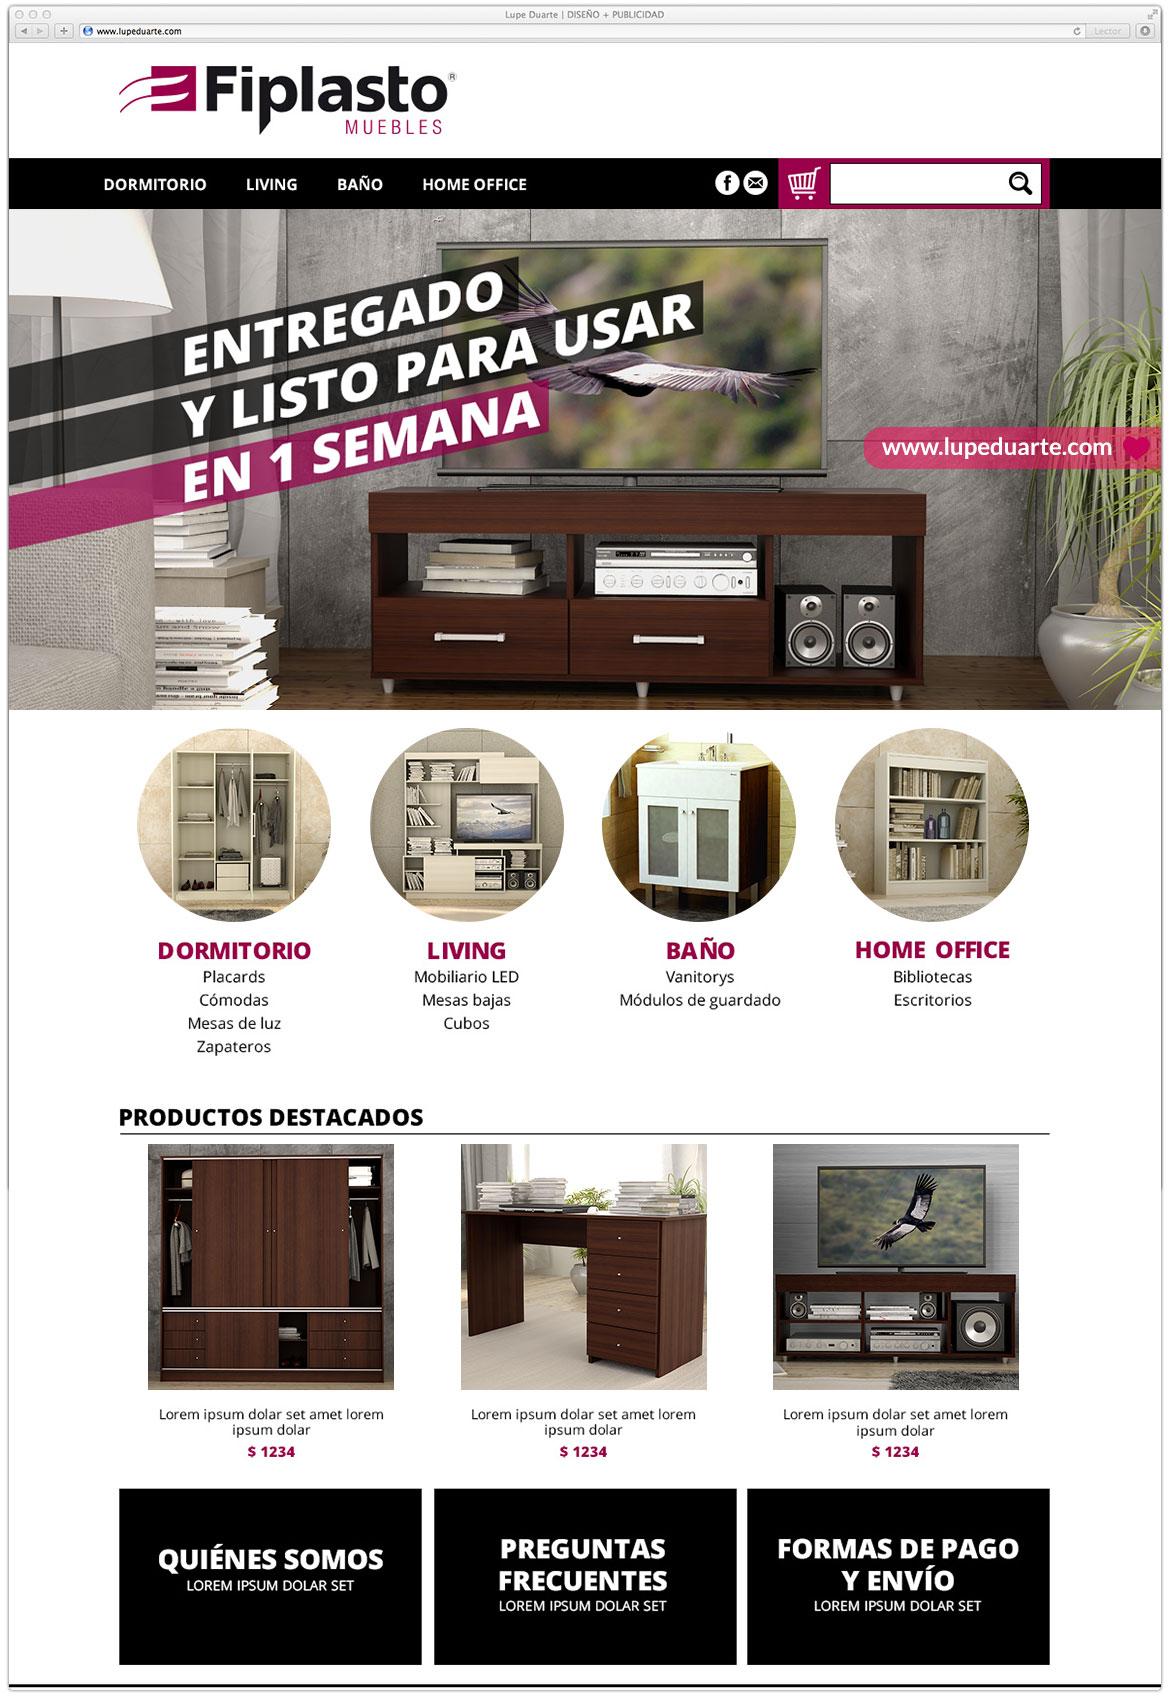 Lupe Duarte Dise O Mercadoshops # Muebles Fiplasto